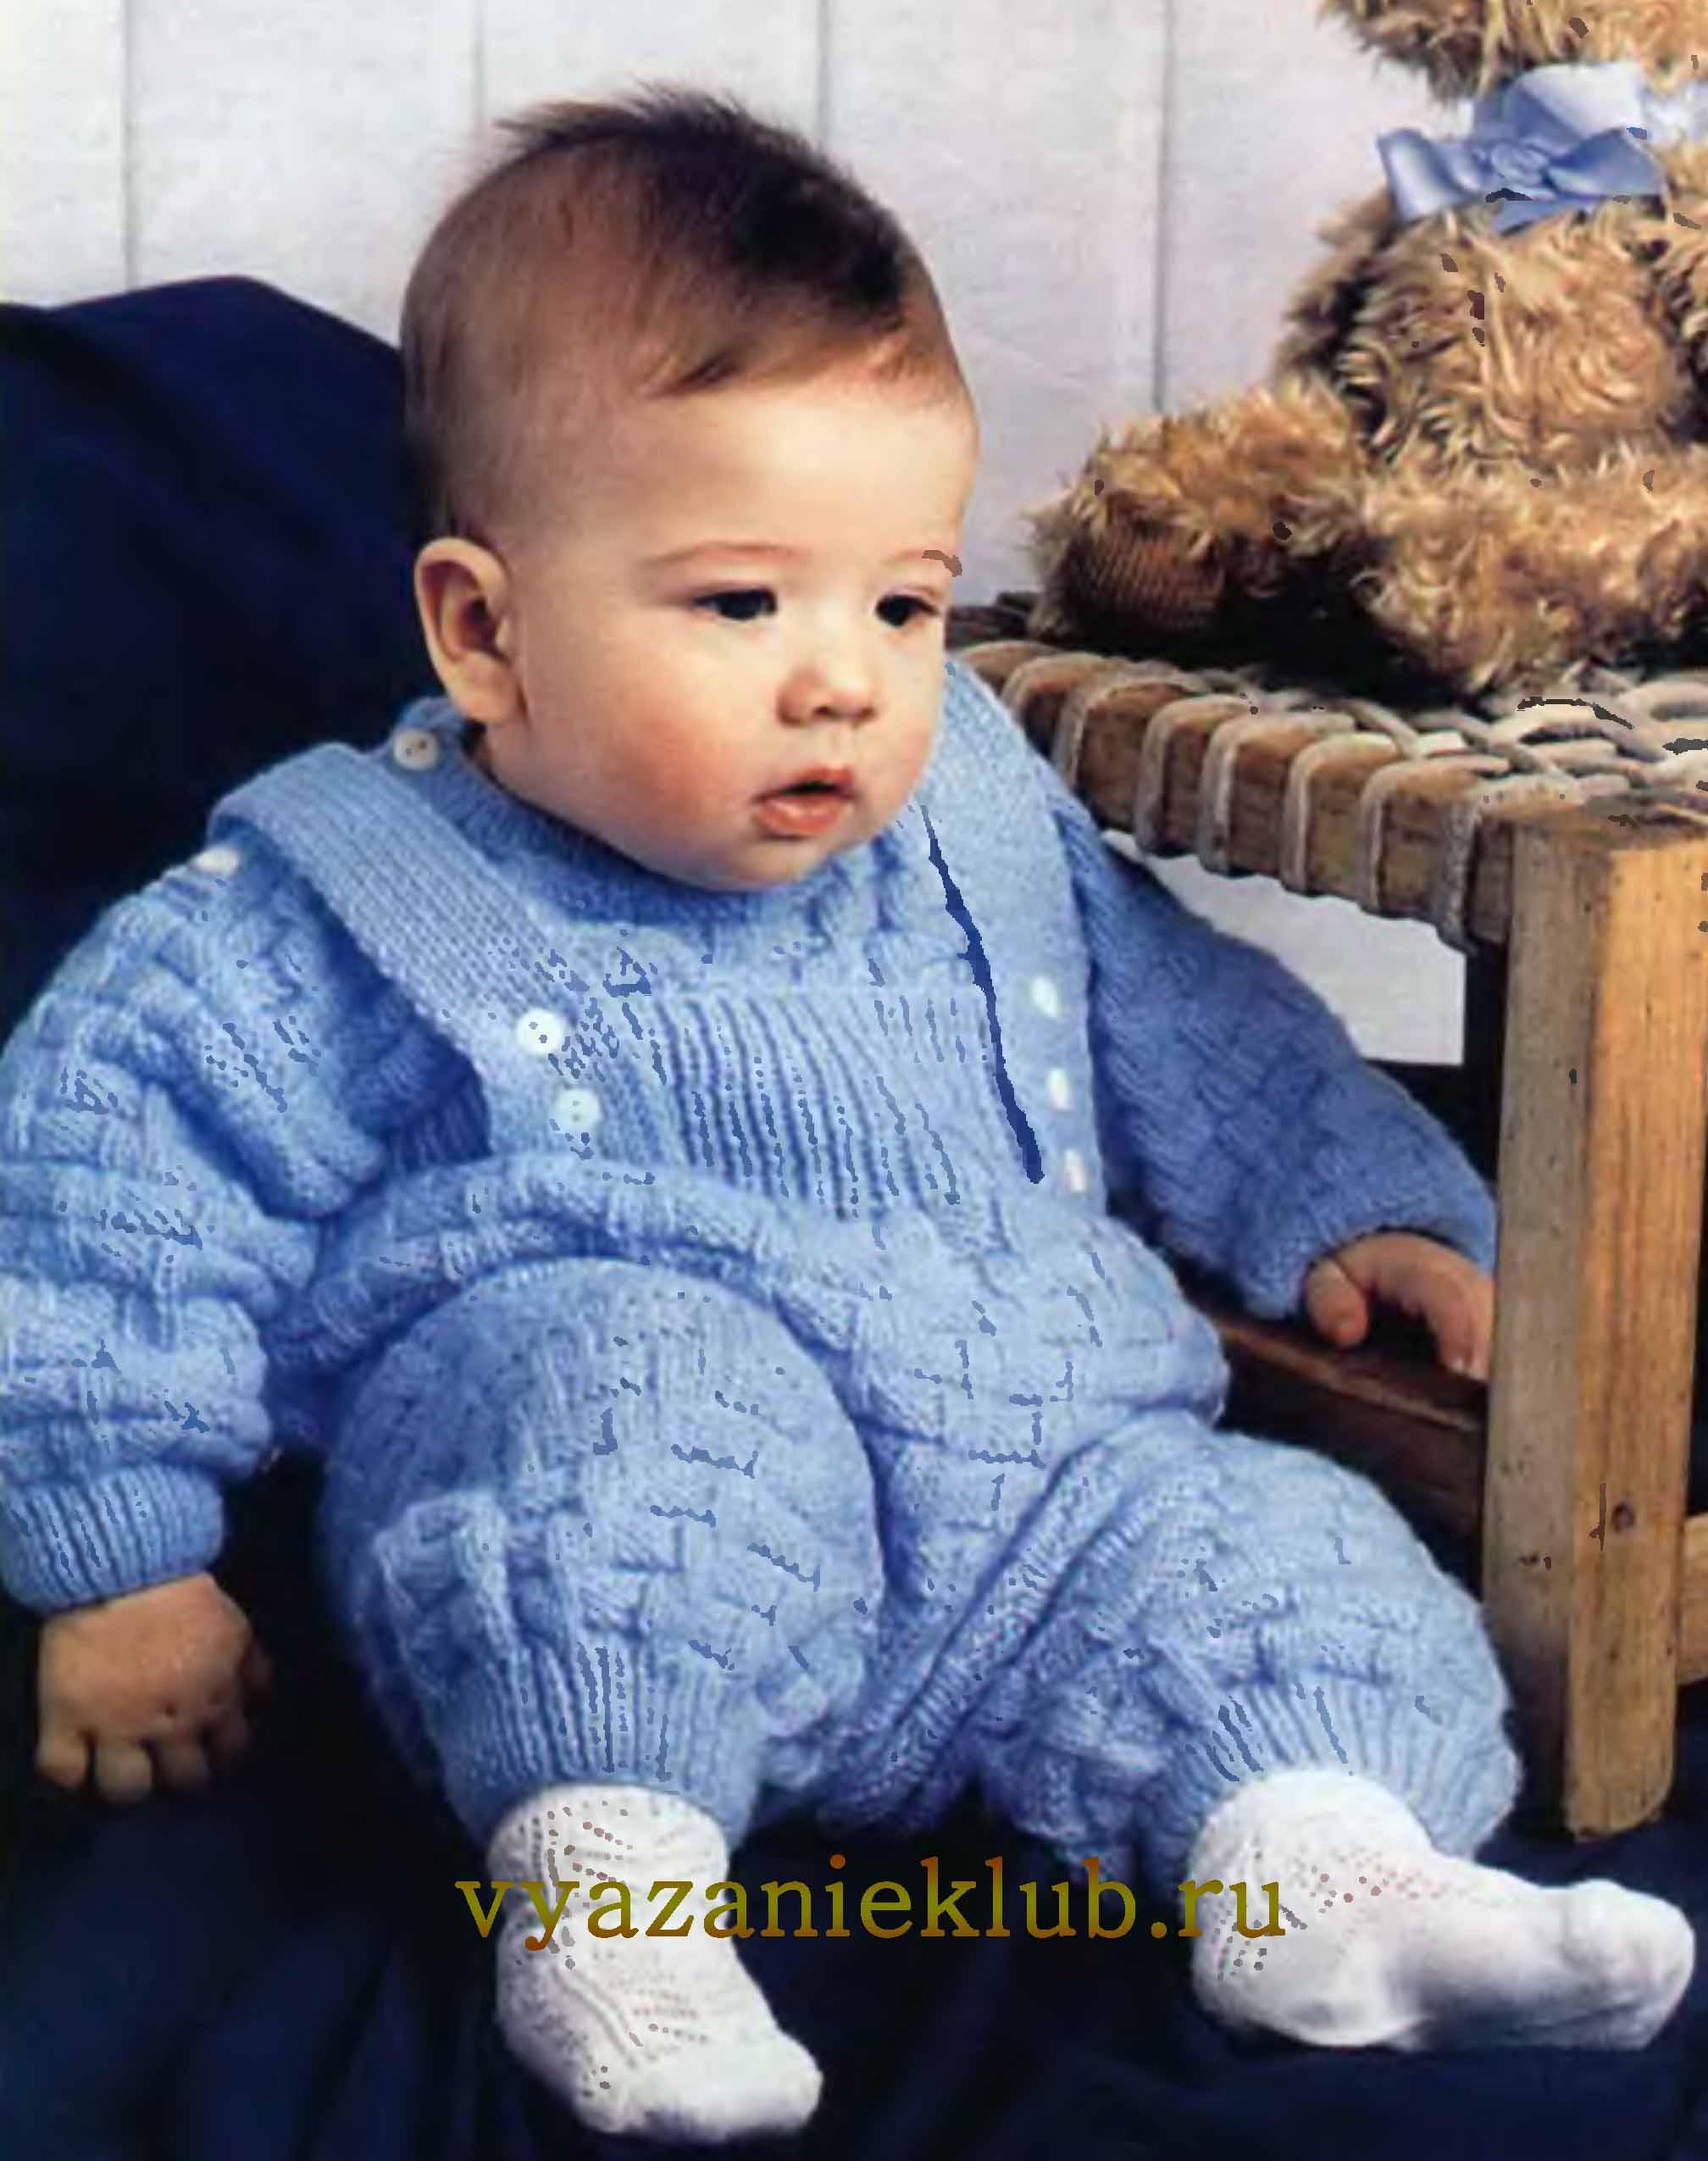 Практичная и удобная одежда для малышей своими руками: как связать костюм спицами для новорожденного 0-3 месяцев